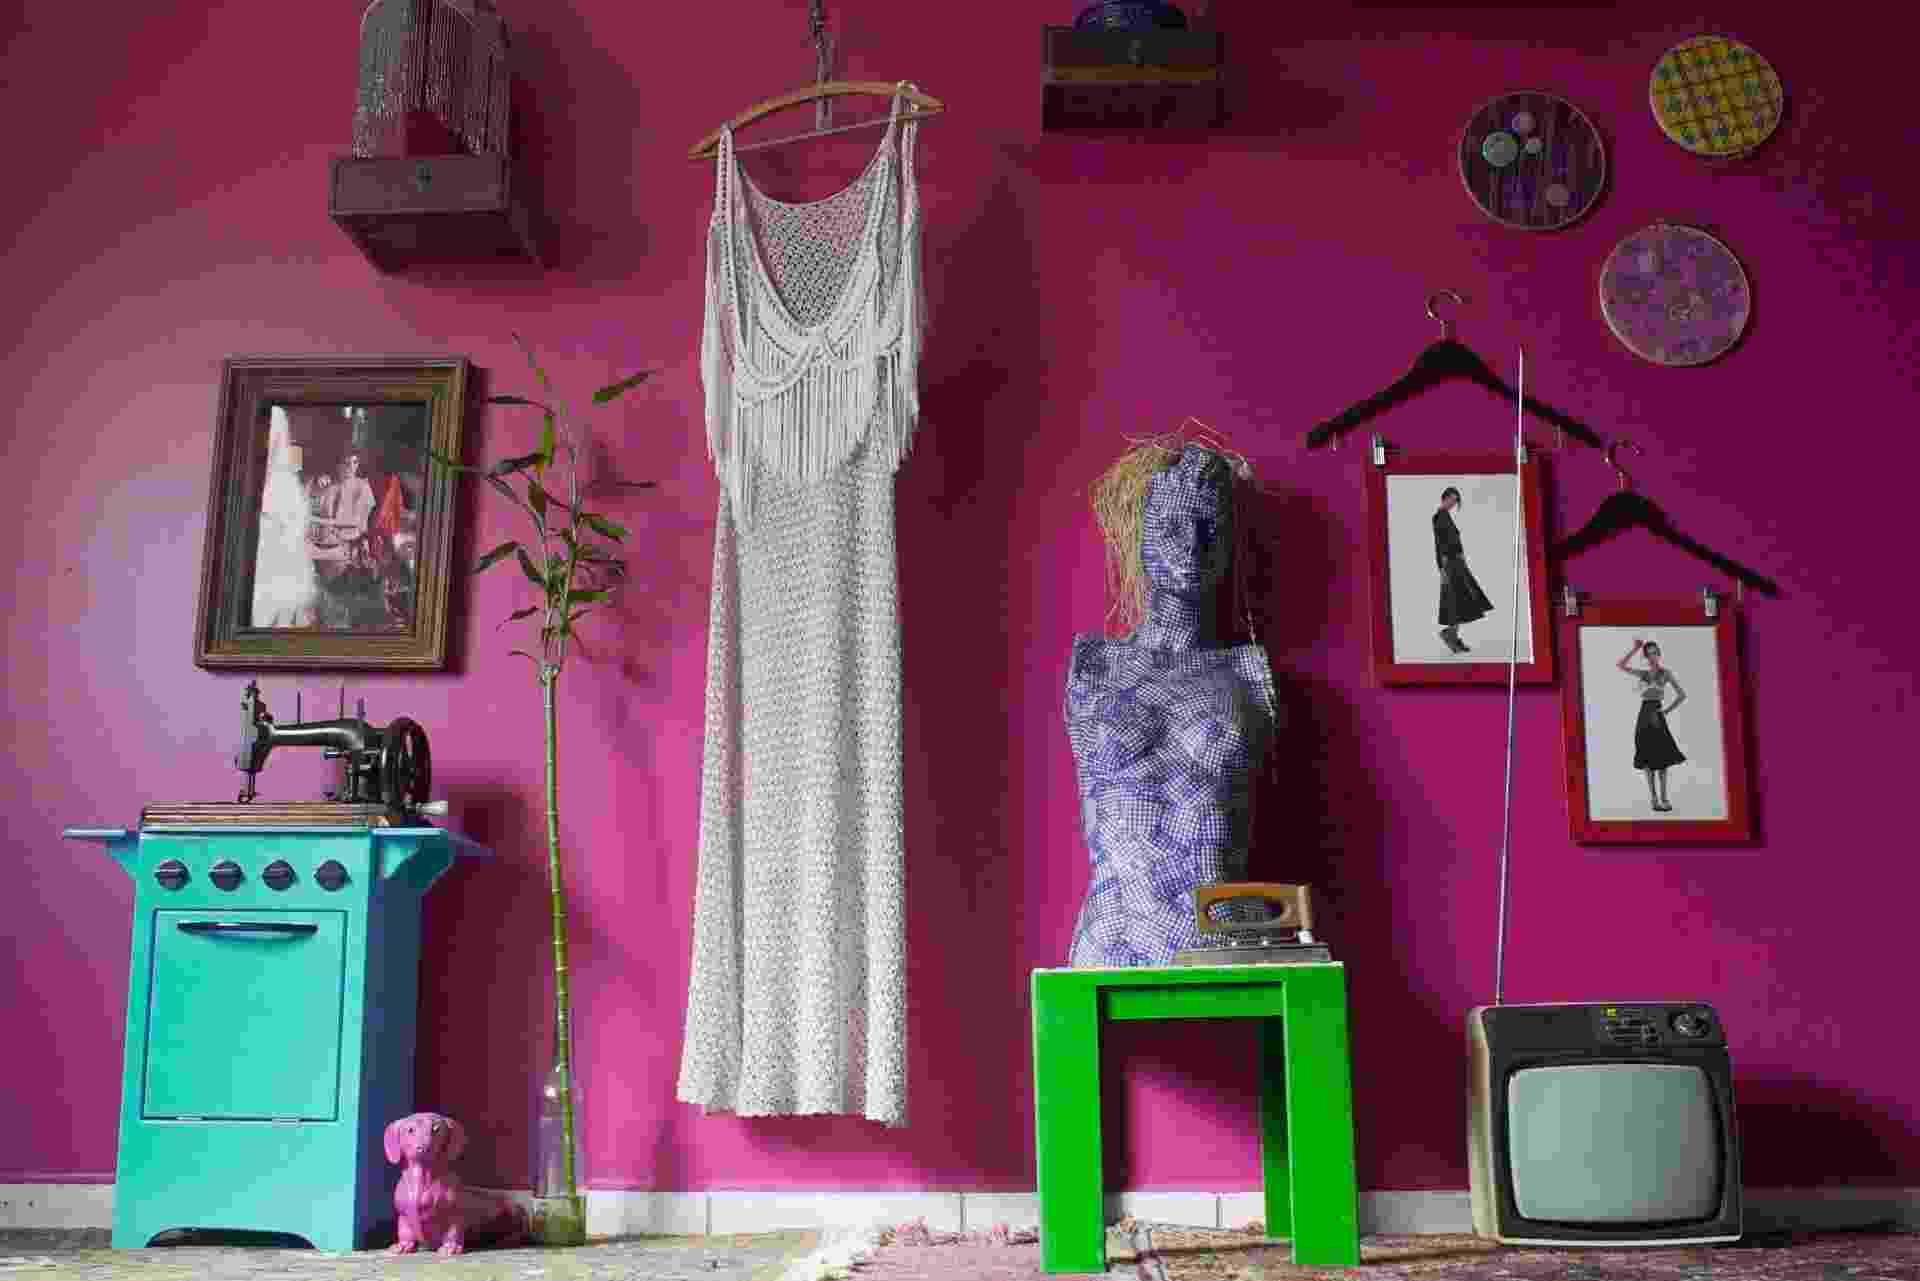 Quase toda casa da estilista Julia Vassoler Guglielmetti, onde também funciona o showroom da Grálias - sua marca de roupas -, é composta com móveis e objetos garimpados e reformados por ela. Entre as peças, encontradas no lixo, estão a TV antiga e as gavetas transformadas em prateleiras - Divulgação/ Arquivo pessoal